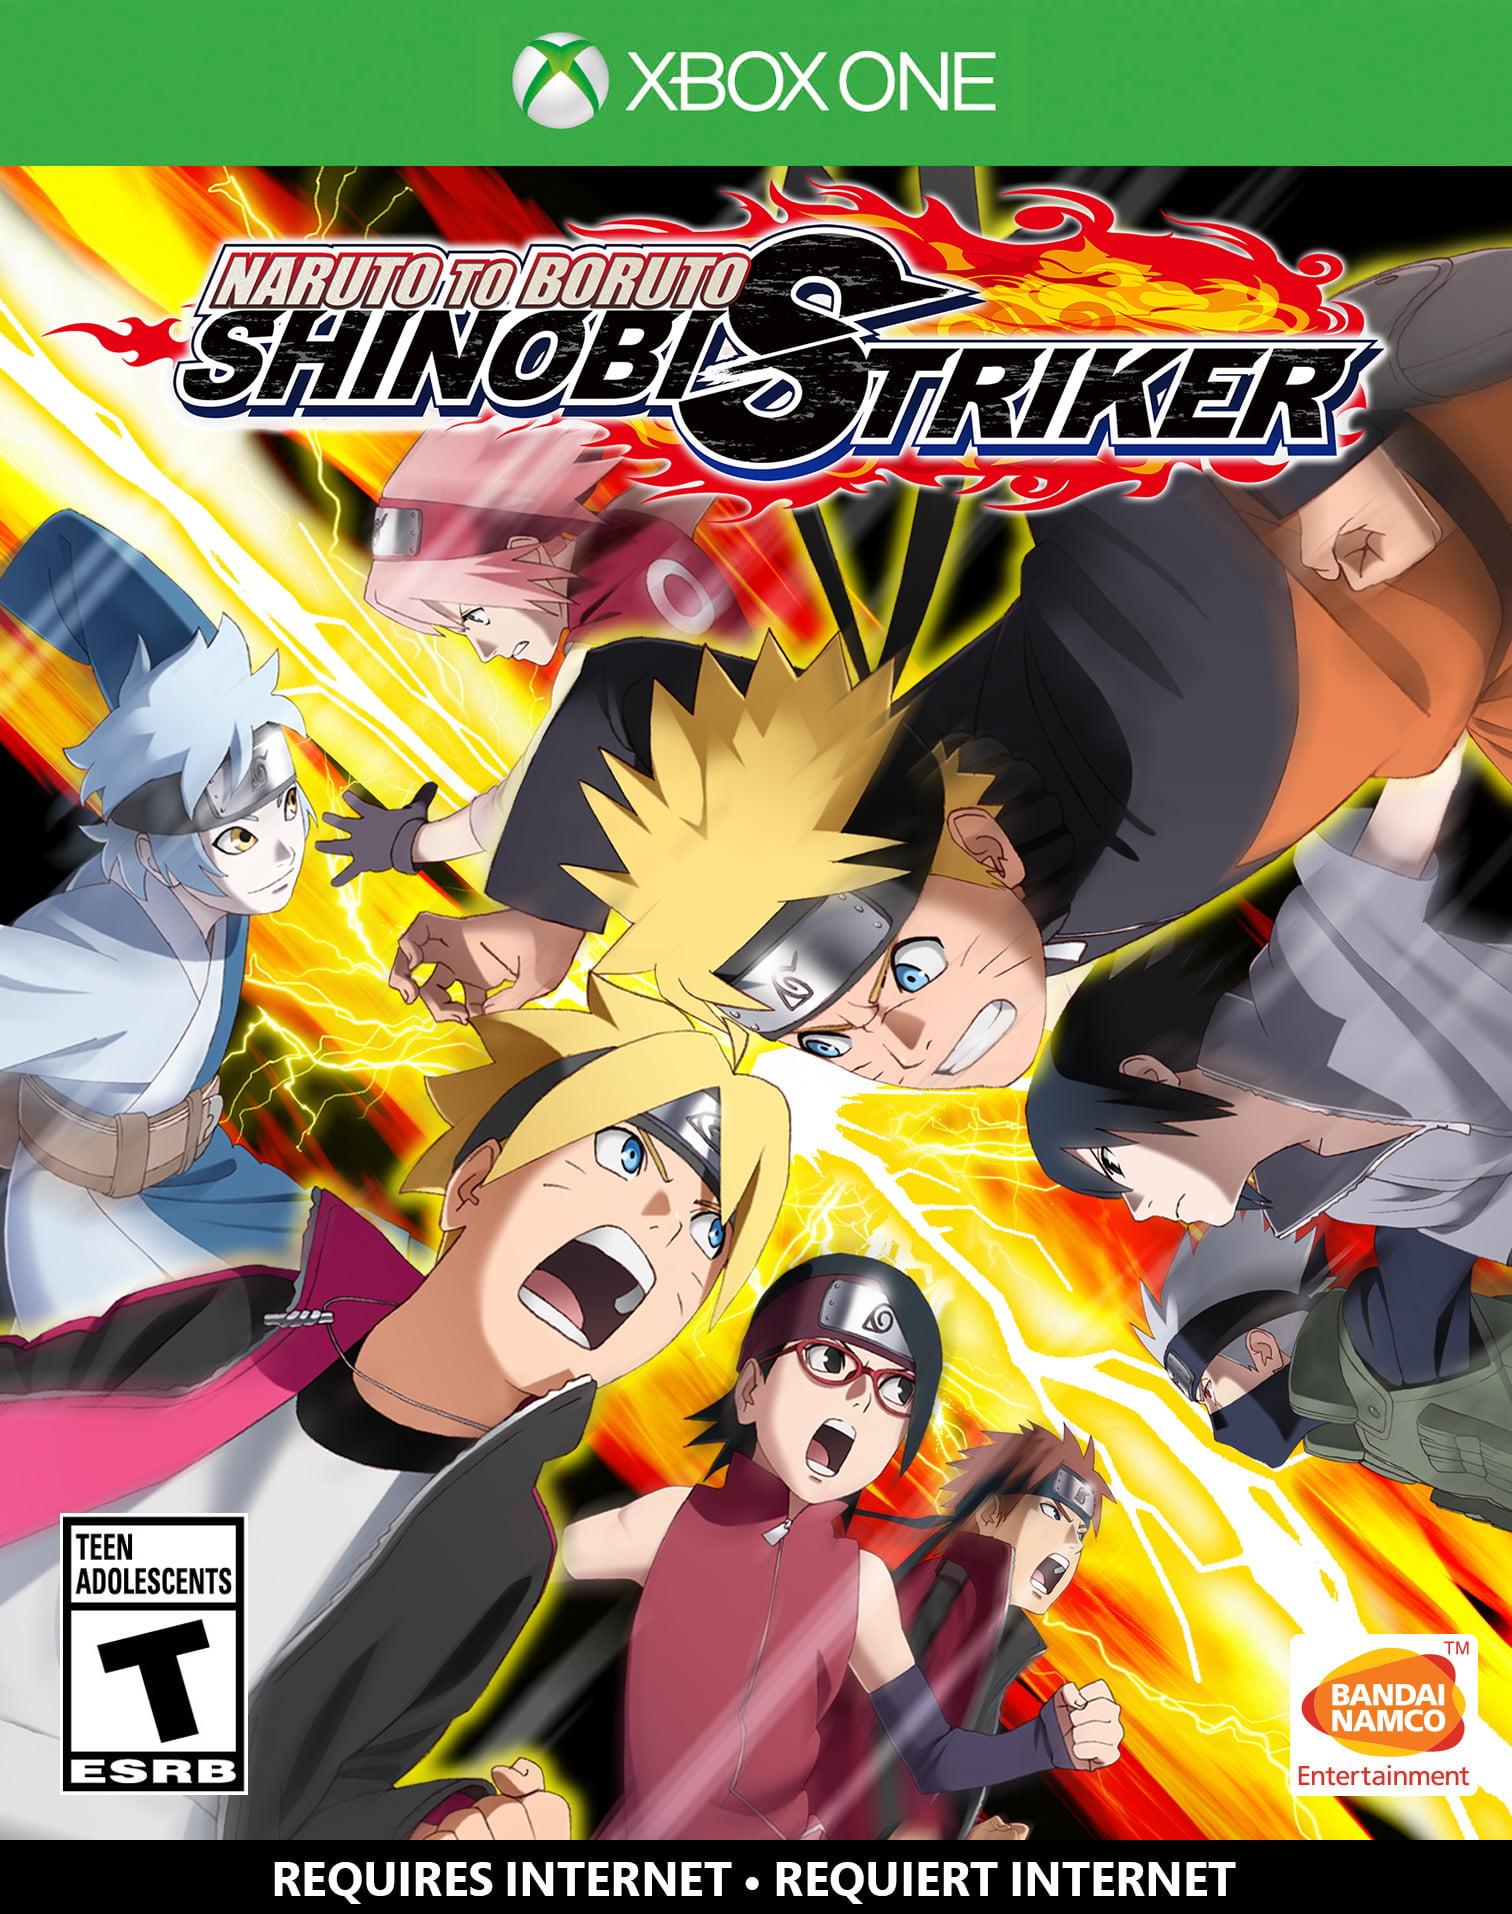 Naruto to Boruto Shinobi Striker, Bandai/Namco, Xbox One, 722674220743